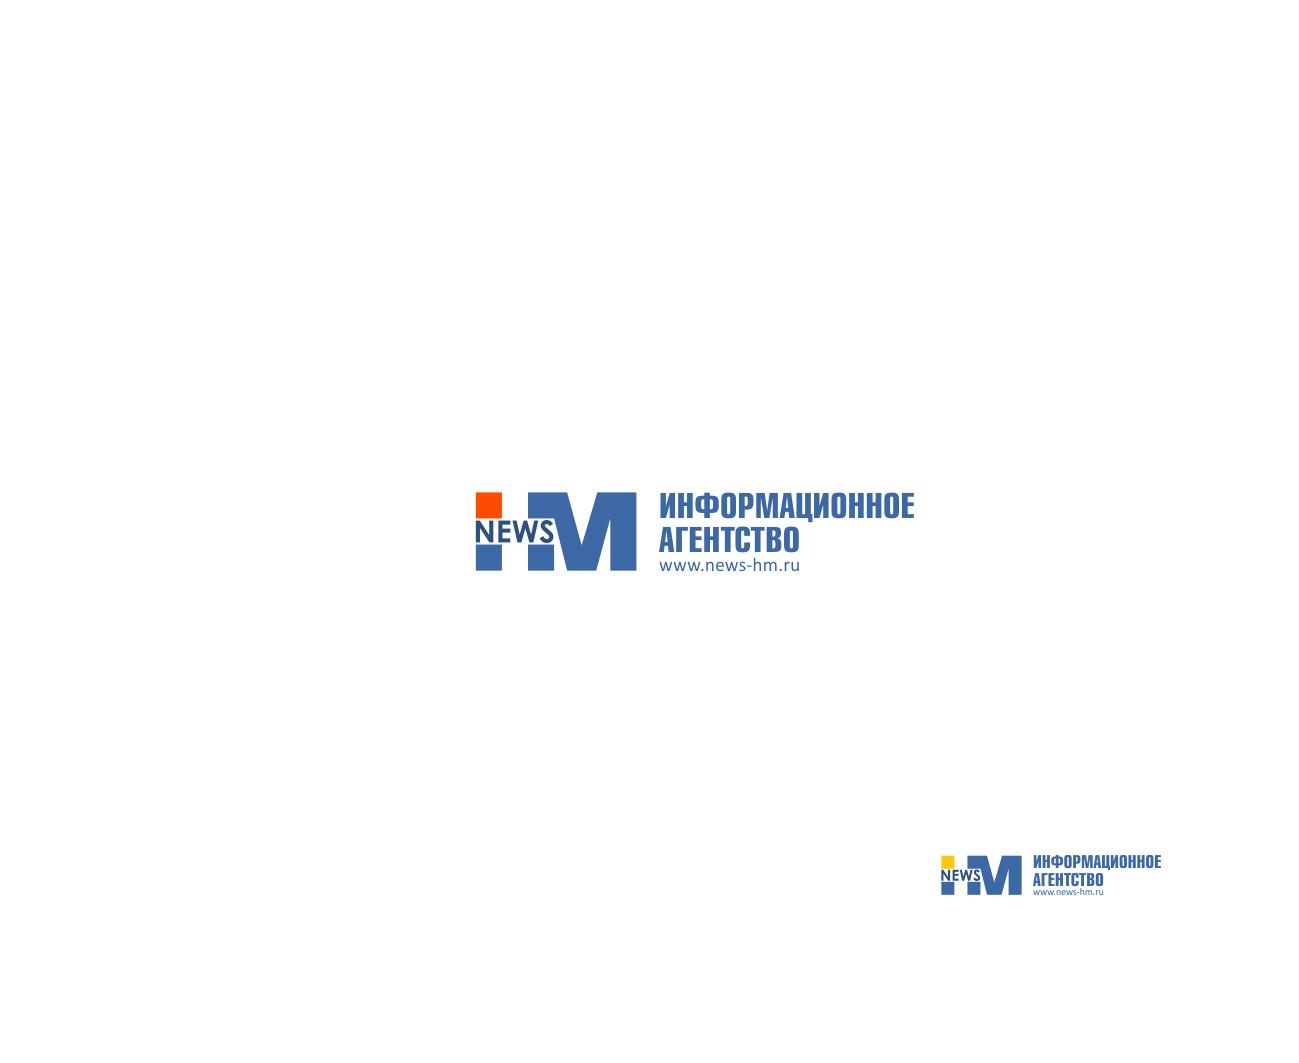 Логотип для информационного агентства фото f_6235aa663c5d35ba.png